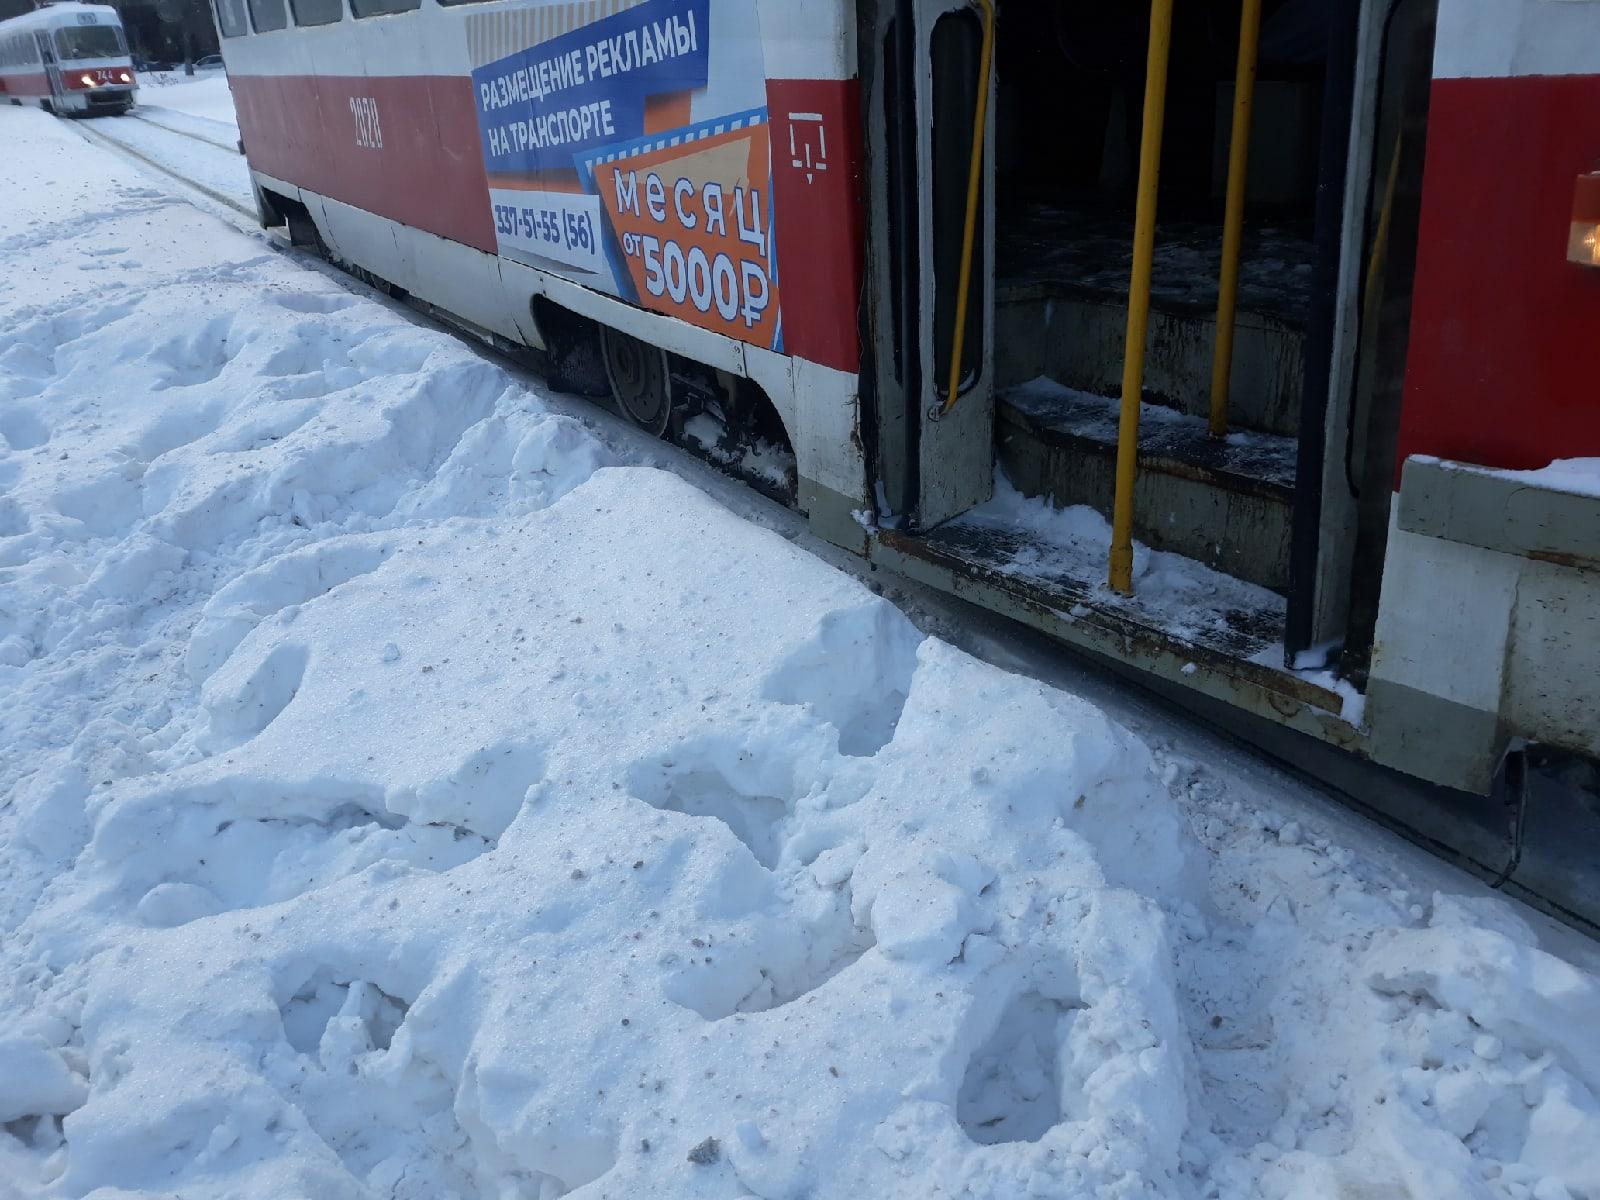 Остановка трамвая на кольце улиц Авроры и Антонова-Овсеенко: из вагона— сразу в сугроб